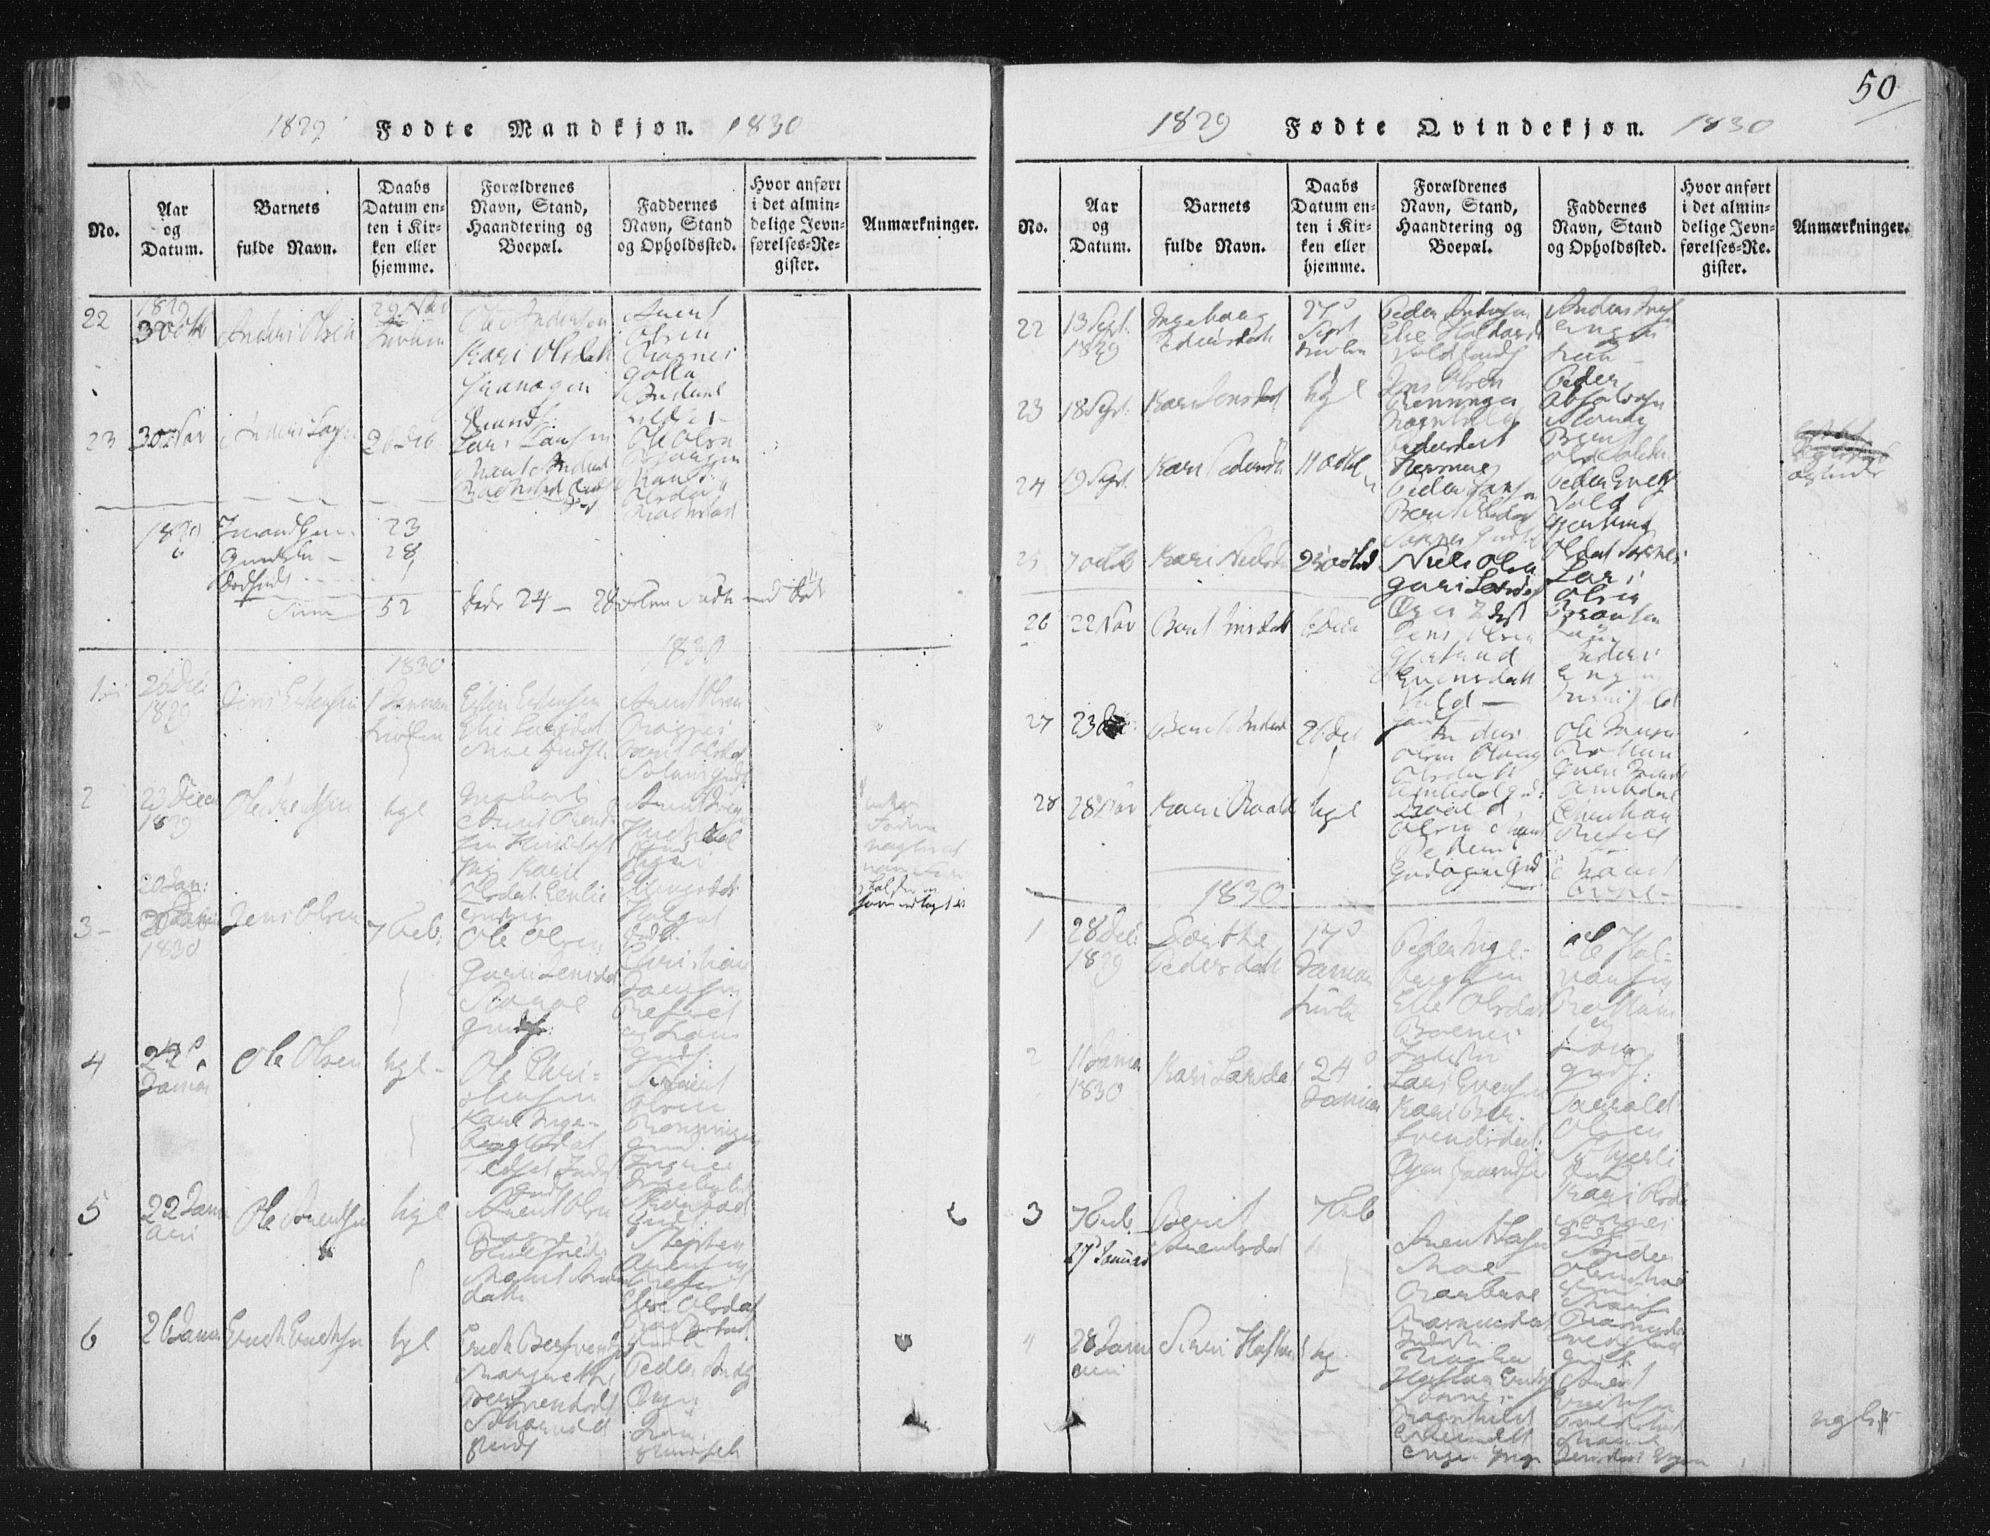 SAT, Ministerialprotokoller, klokkerbøker og fødselsregistre - Sør-Trøndelag, 687/L0996: Ministerialbok nr. 687A04, 1816-1842, s. 50